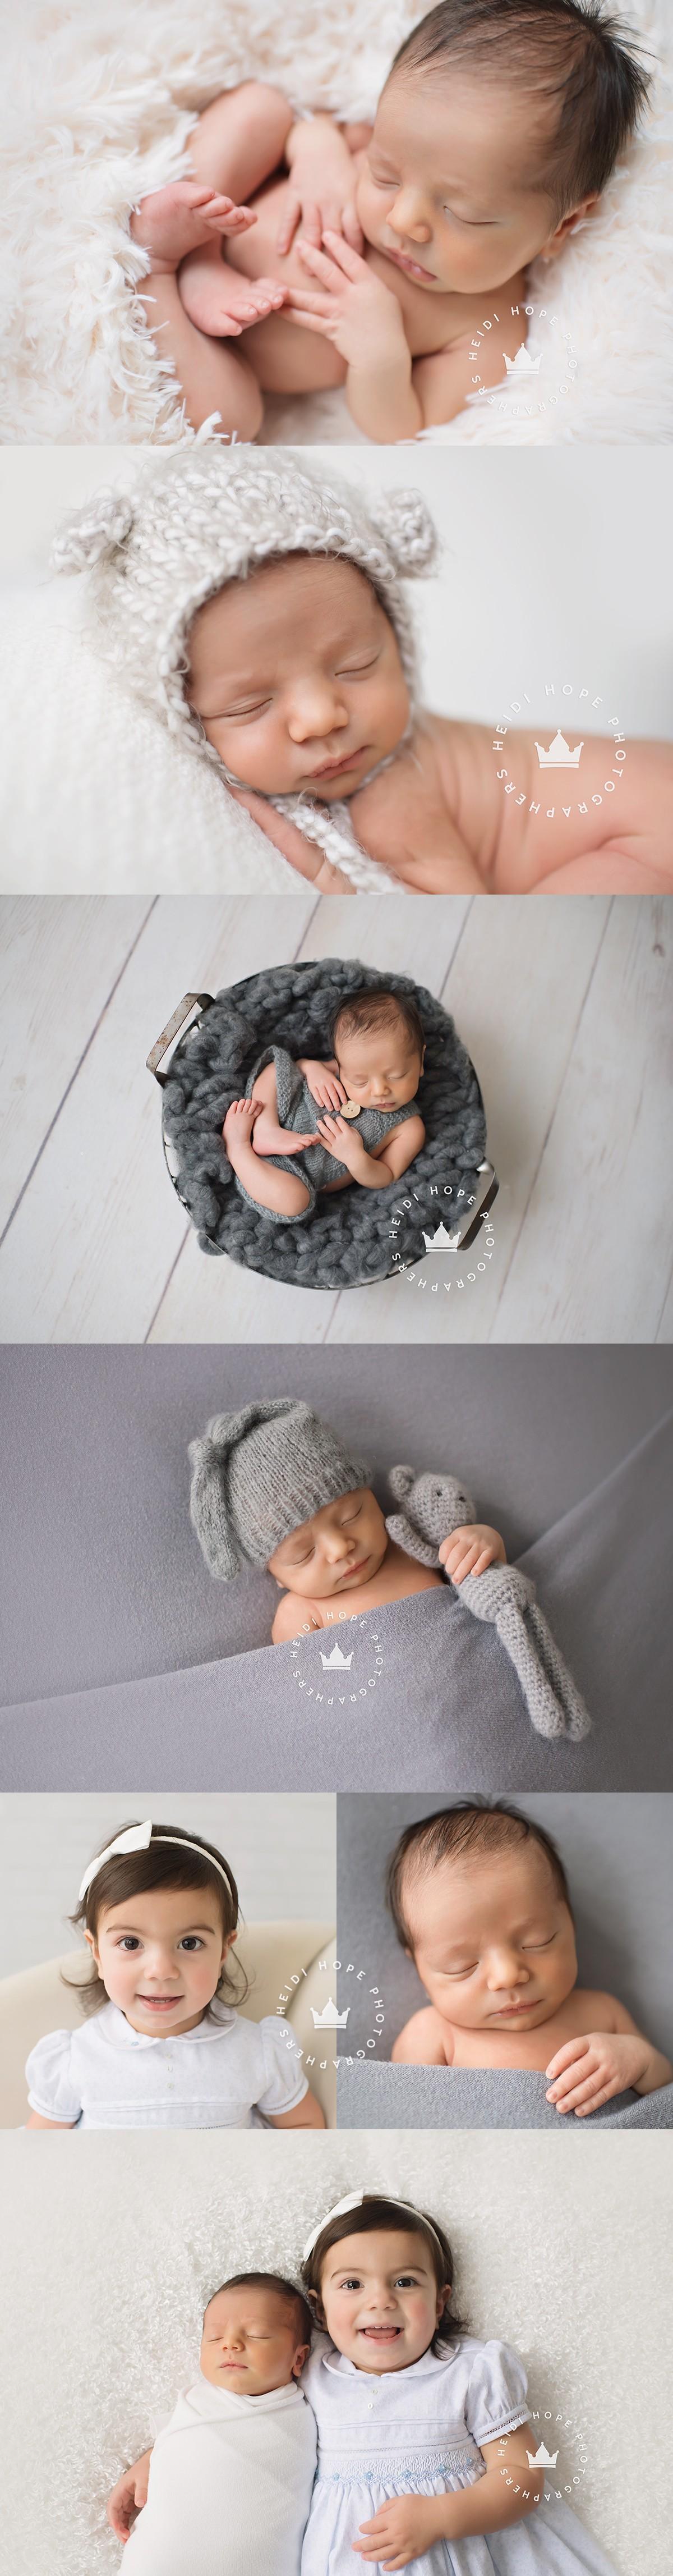 heidi hope photography boston newborn